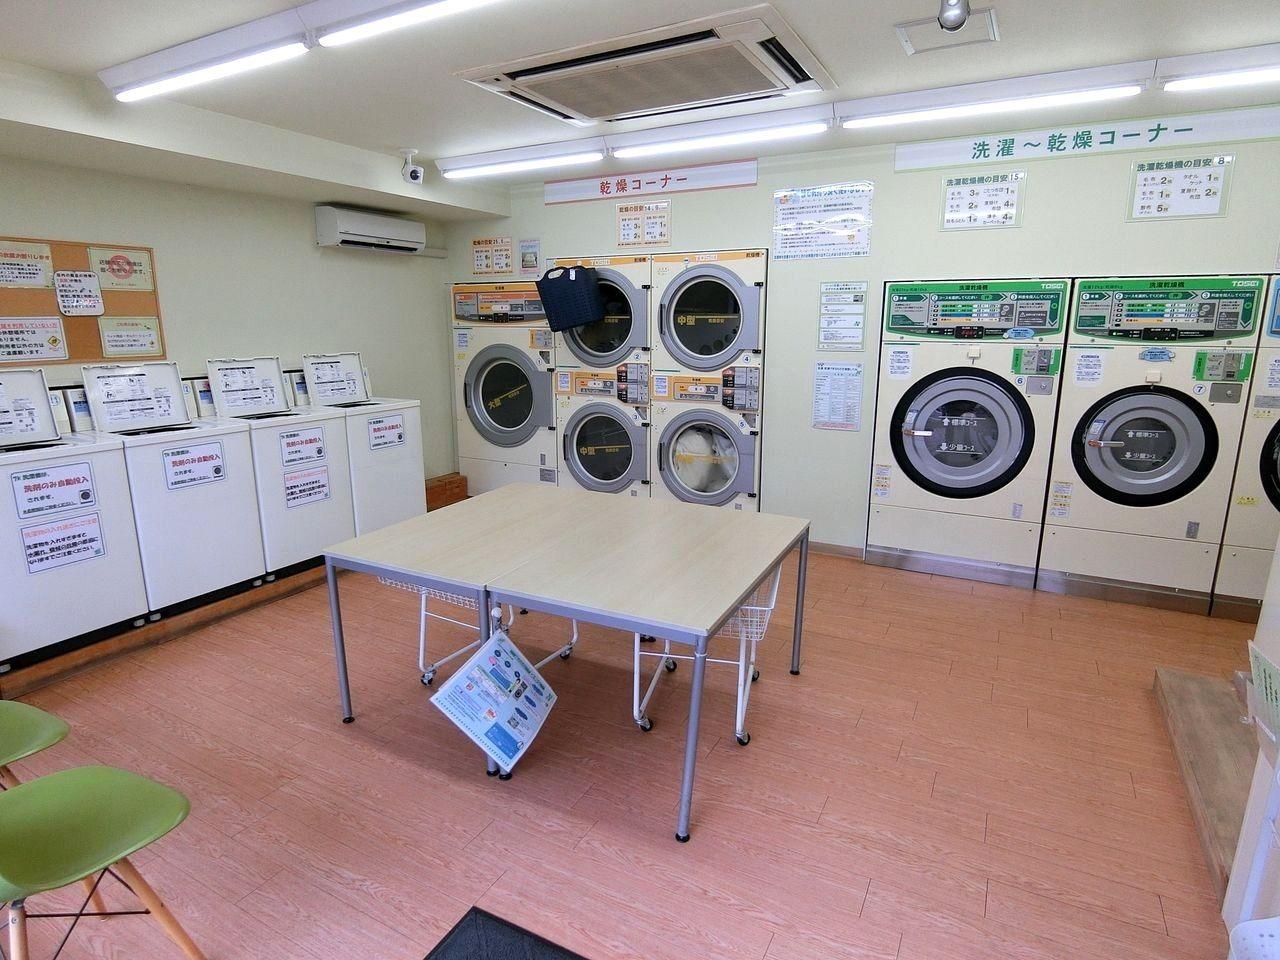 大型コインランドリー ミントクリーン大山店(大山金井町)